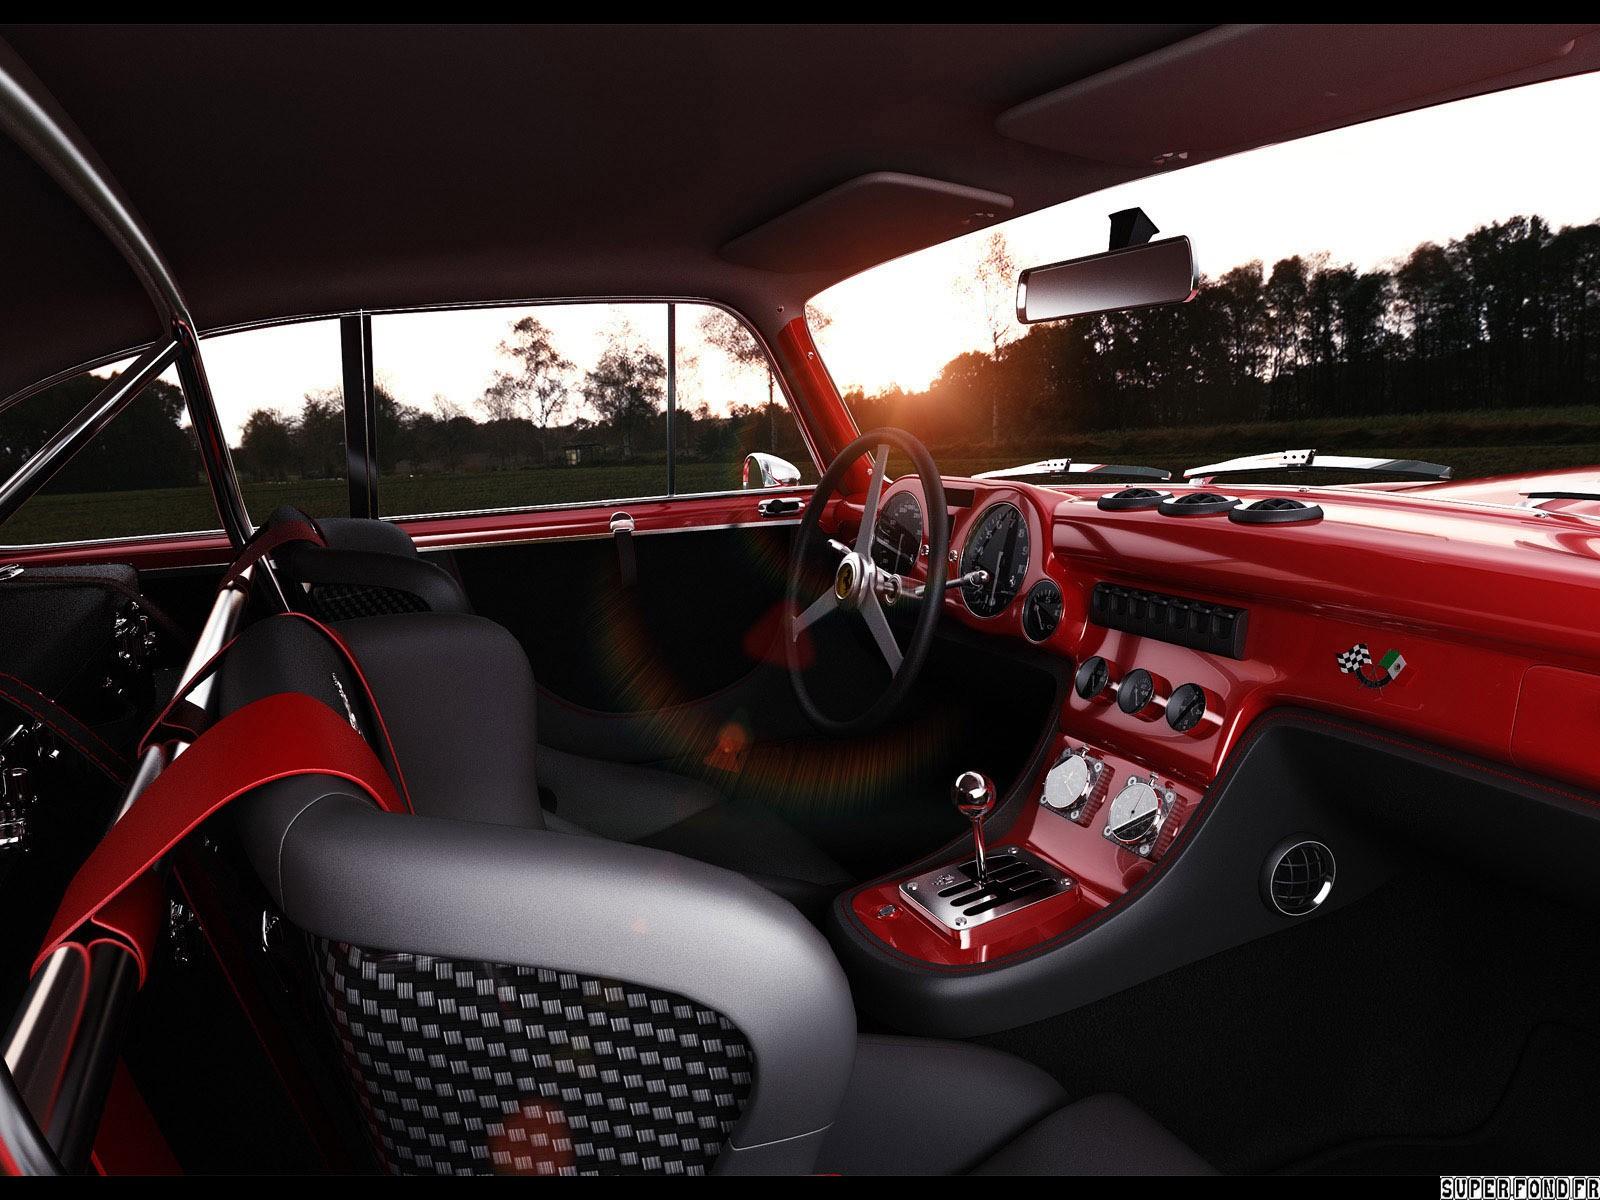 2011 GWA - Ferrari F340 Competizione